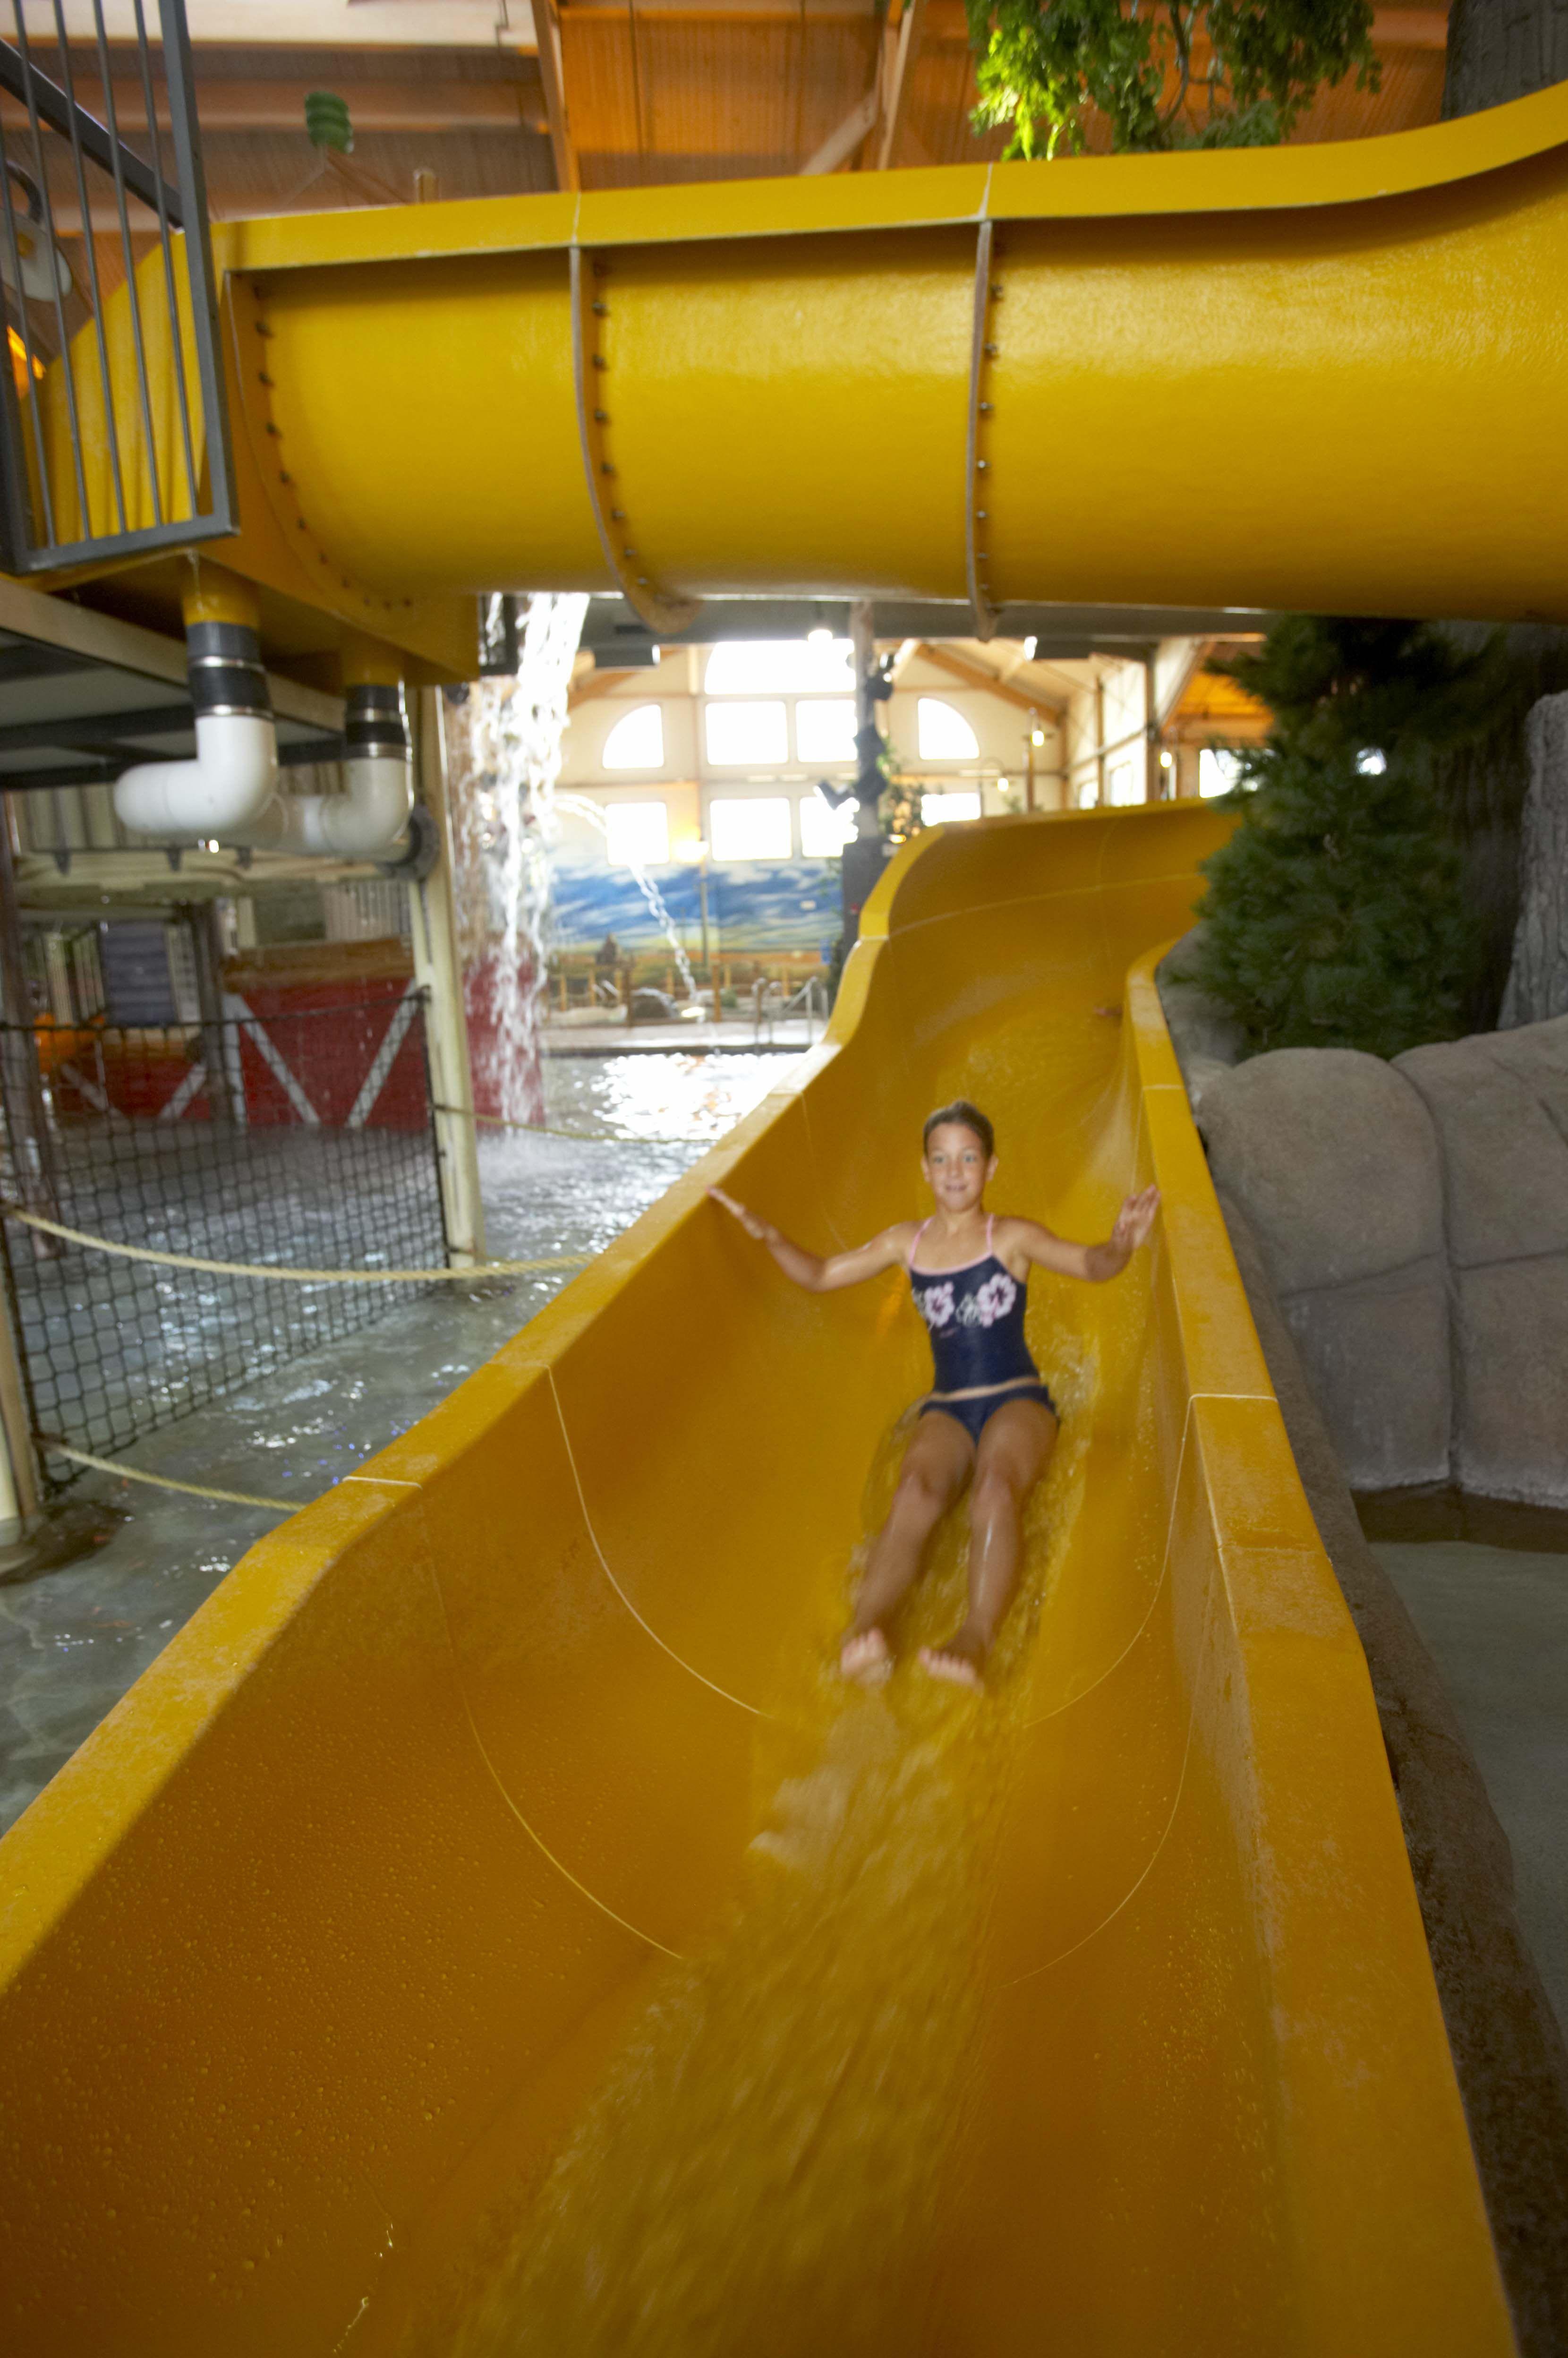 Funinwi Waterslides Waterpark Water Park Indoor Waterpark Hot Tub Outdoor